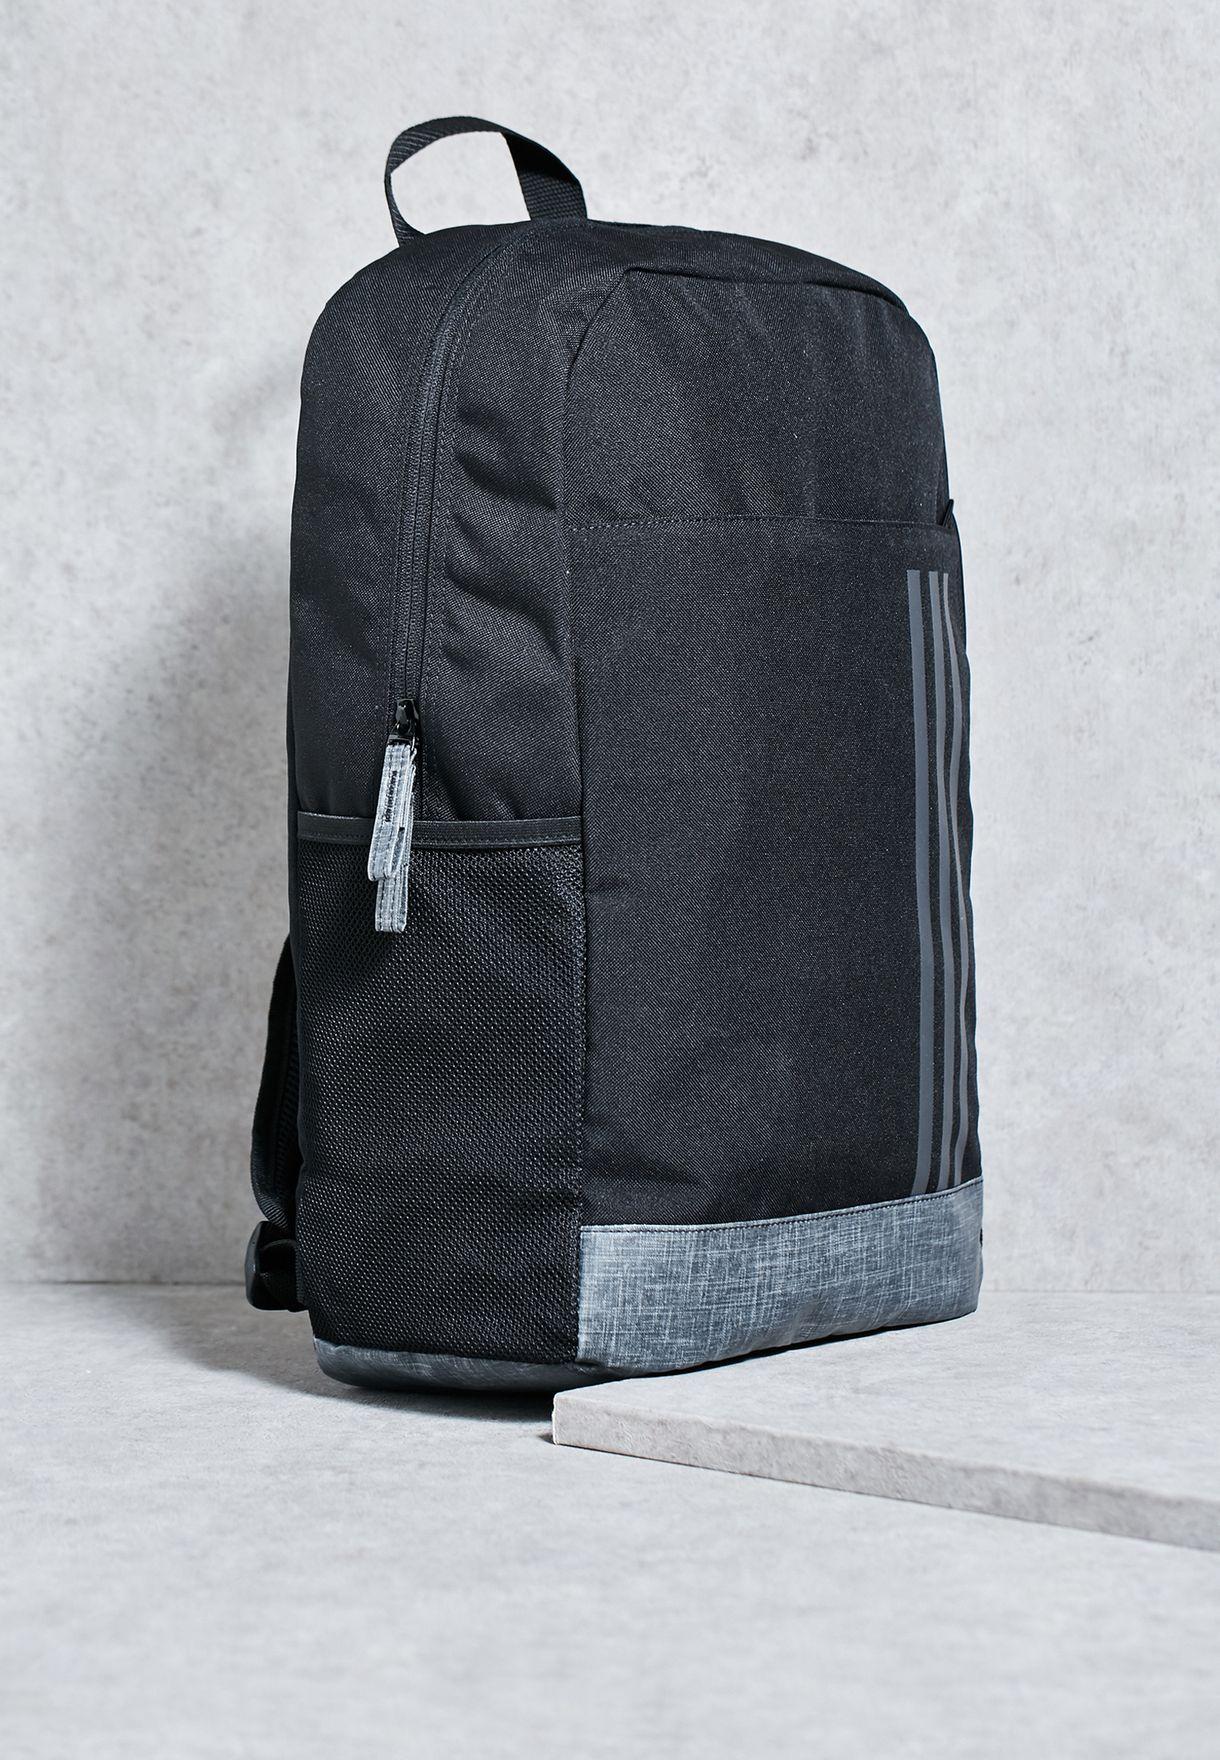 negozio medio classico zaino s99847 adidas nero - 3 per gli uomini in eau